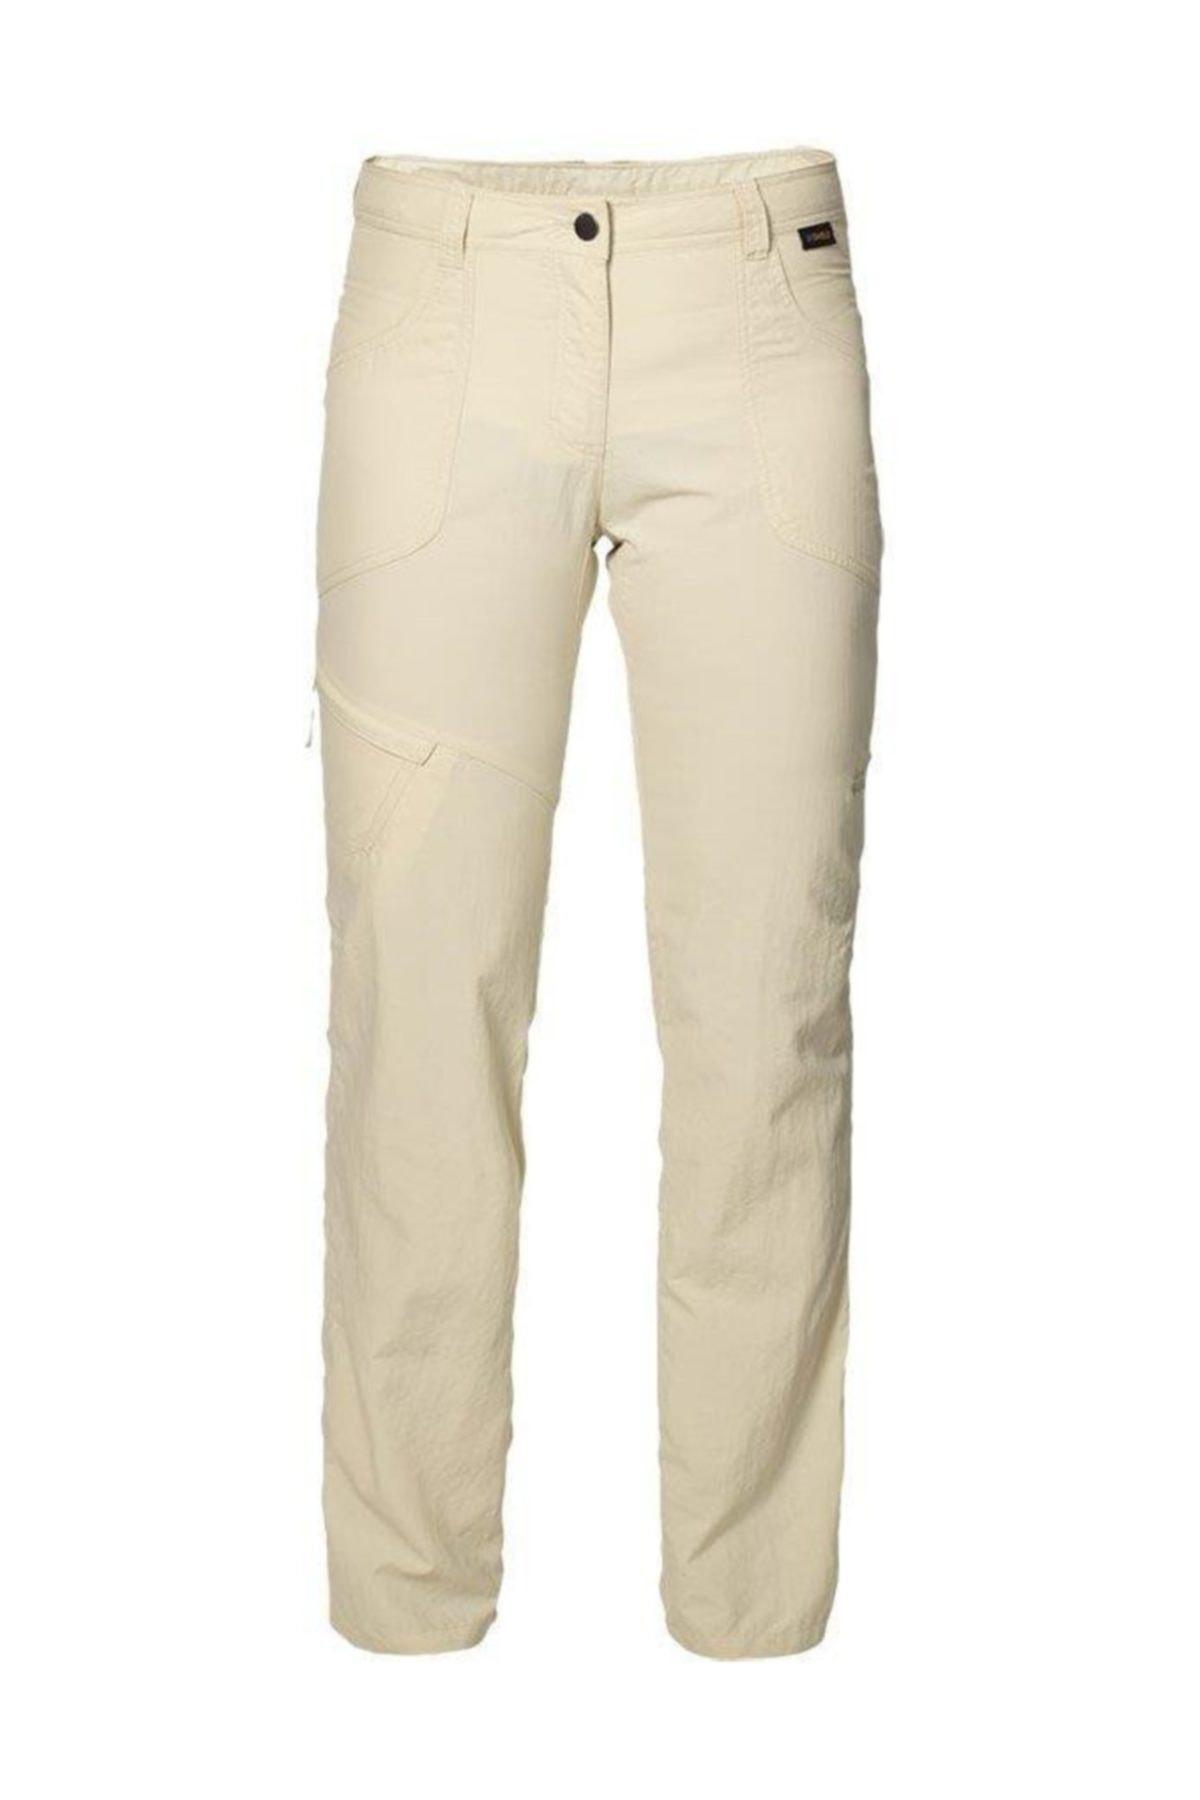 Jack Wolfskin Marakech Roll Up Kadın Pantolon - 1503691-5017 1